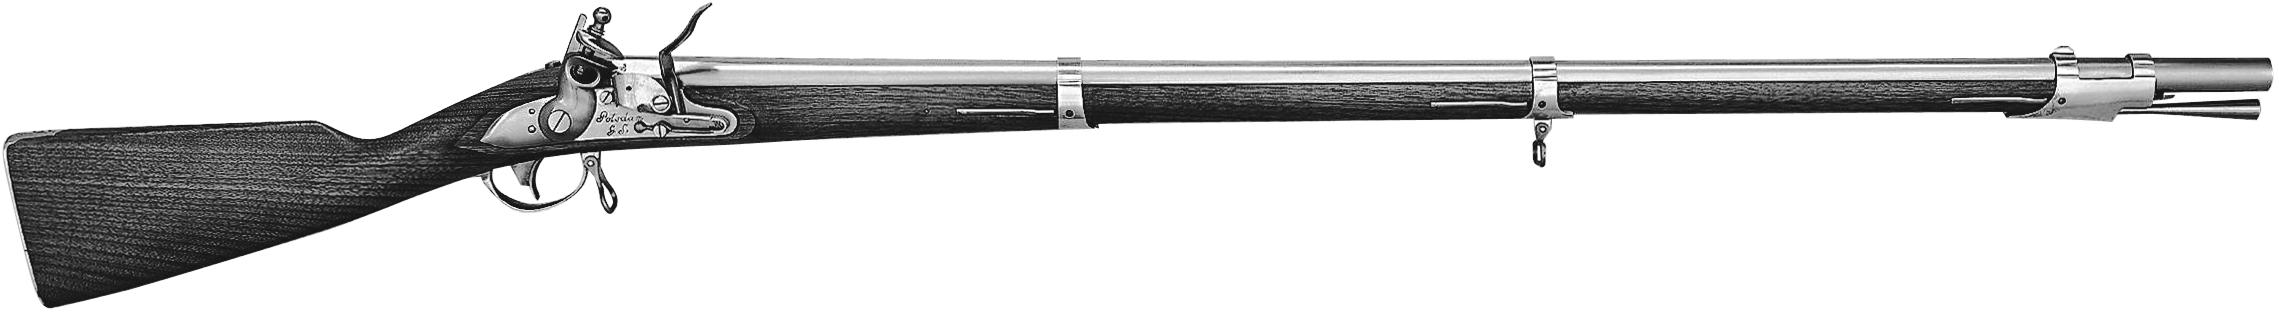 Prussian 1809 Flintlock Musket